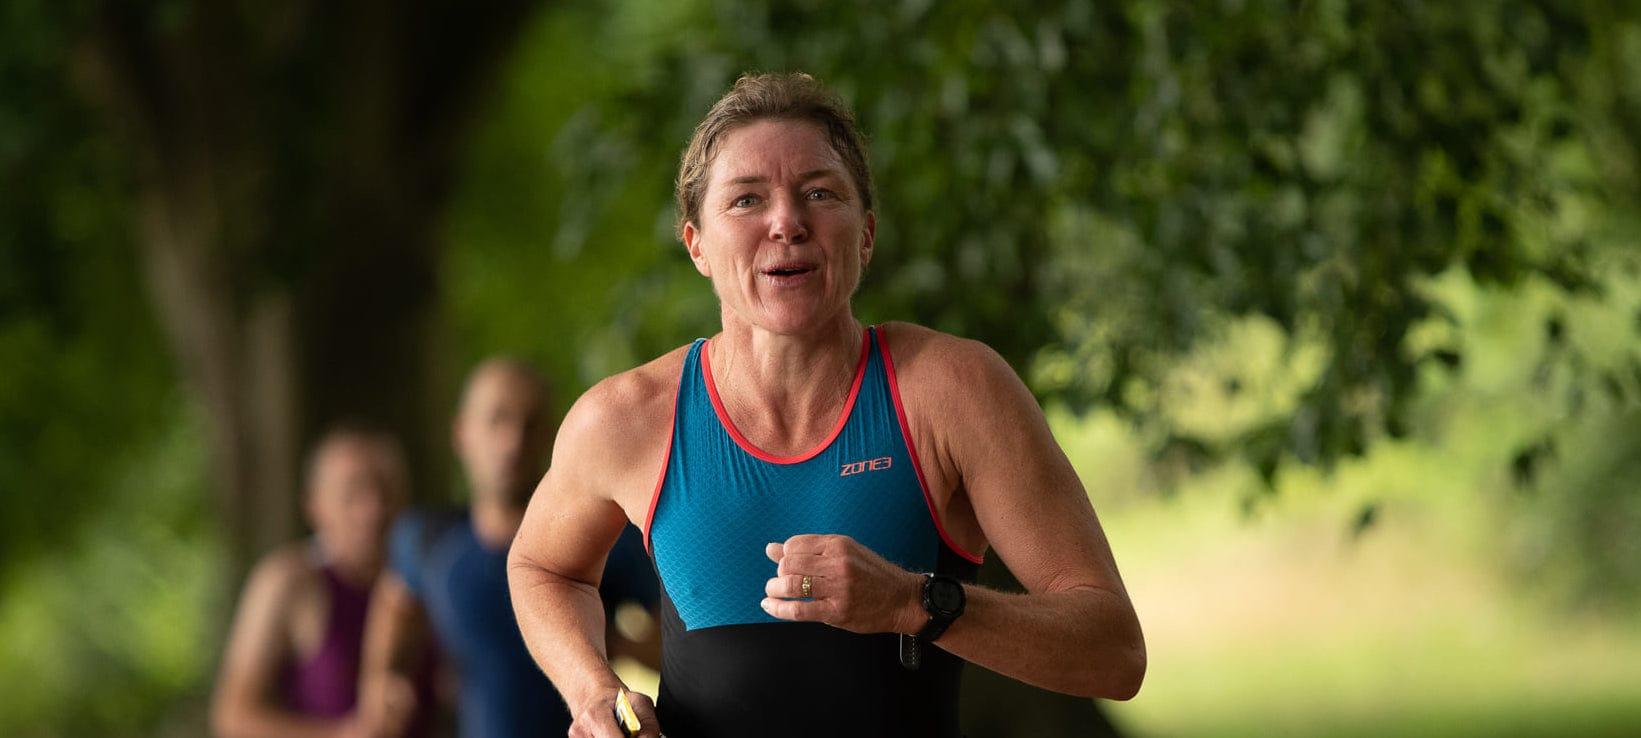 Winchester Triathlon